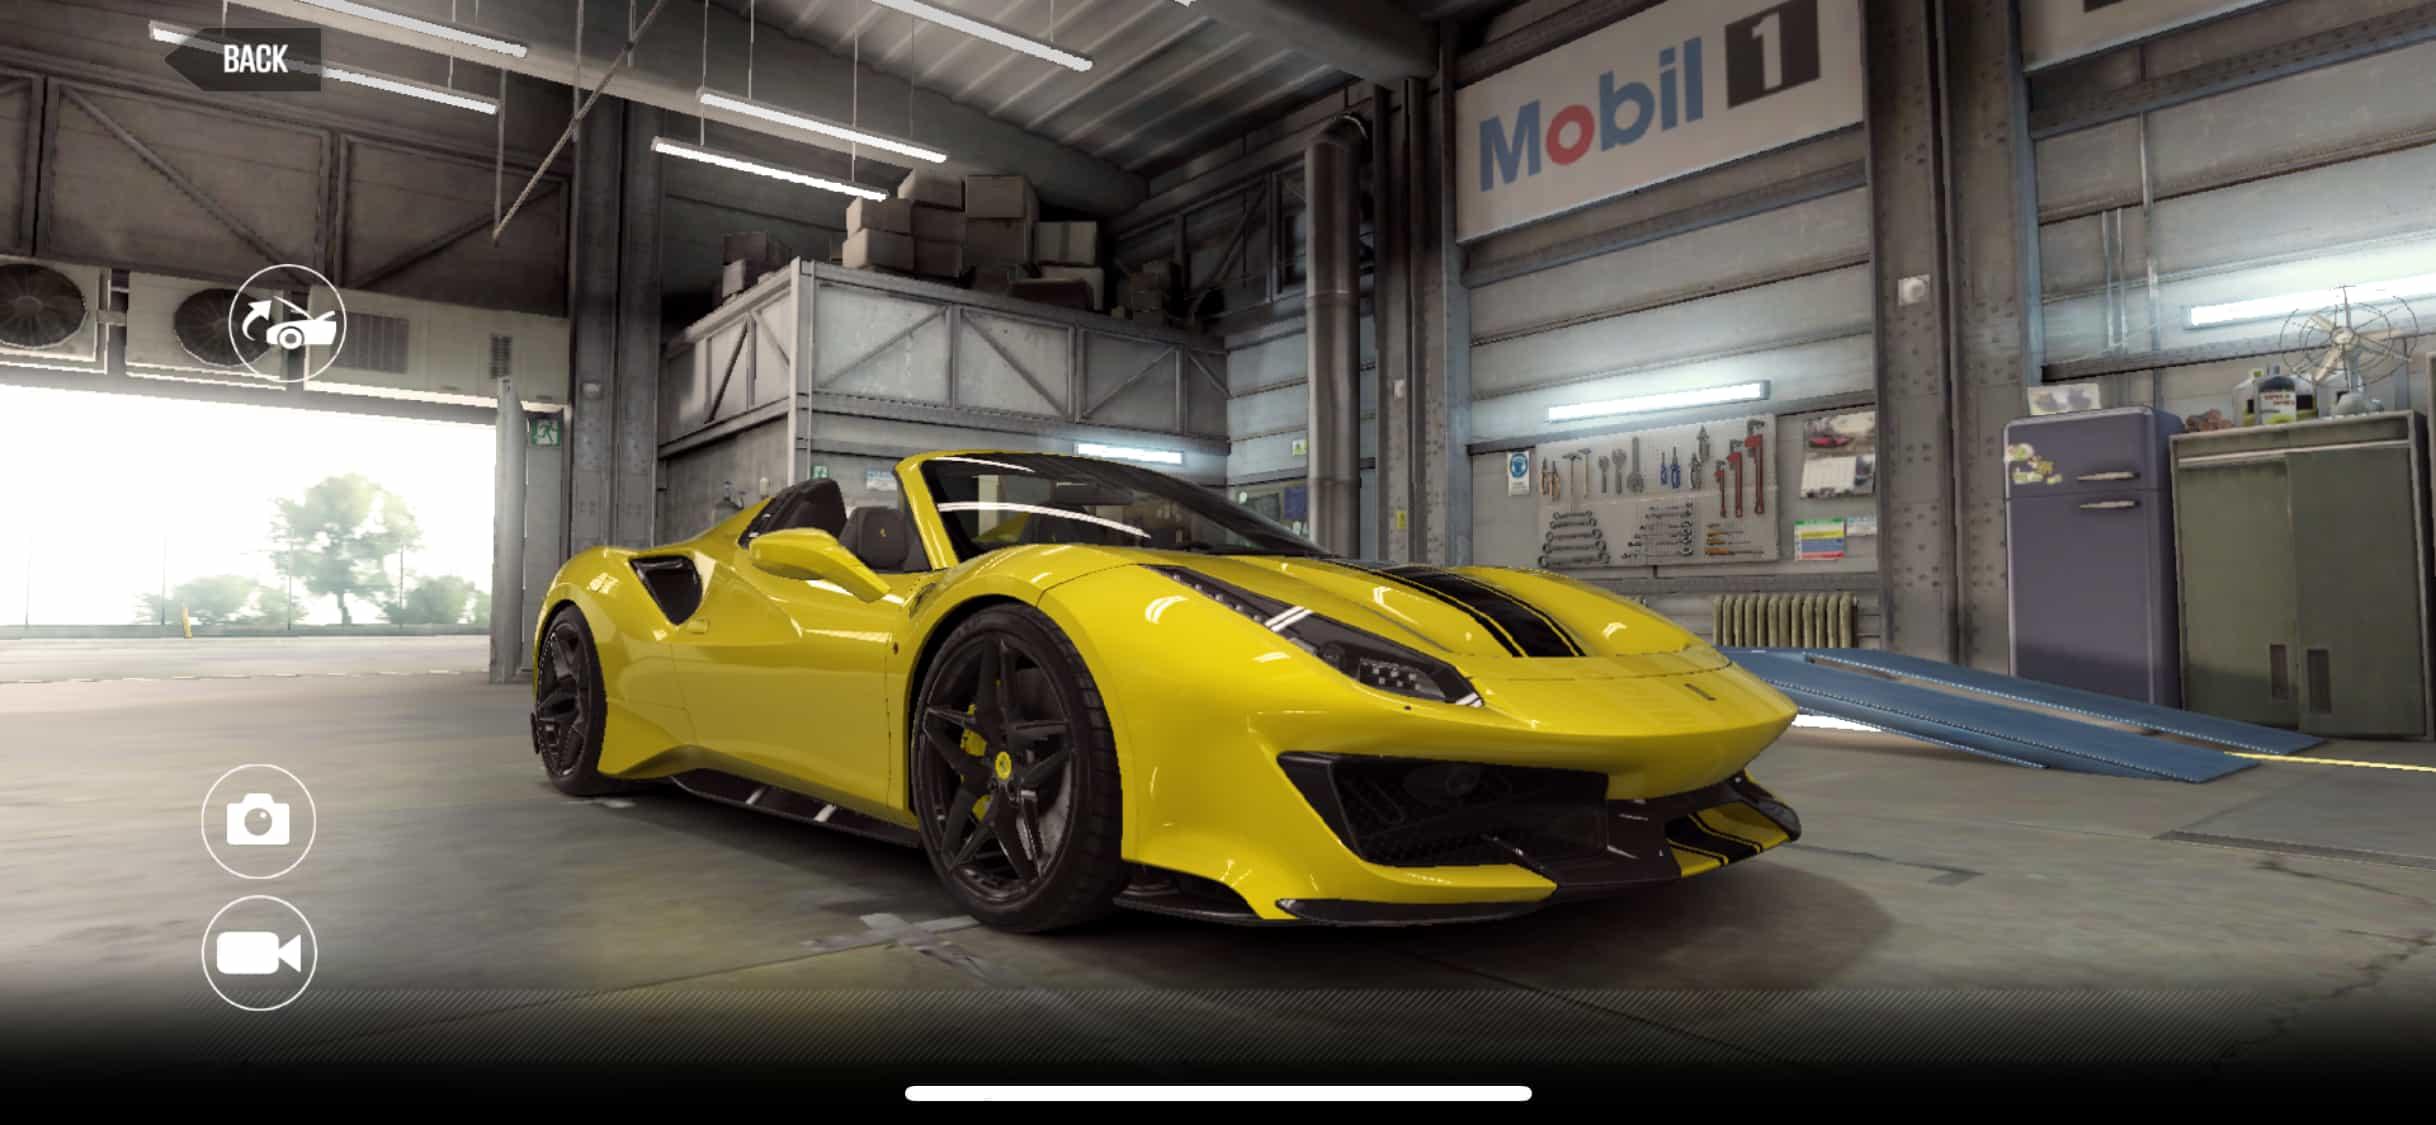 Ferrari 488 Pista Spider Csr2 Tune And Shift Pattern